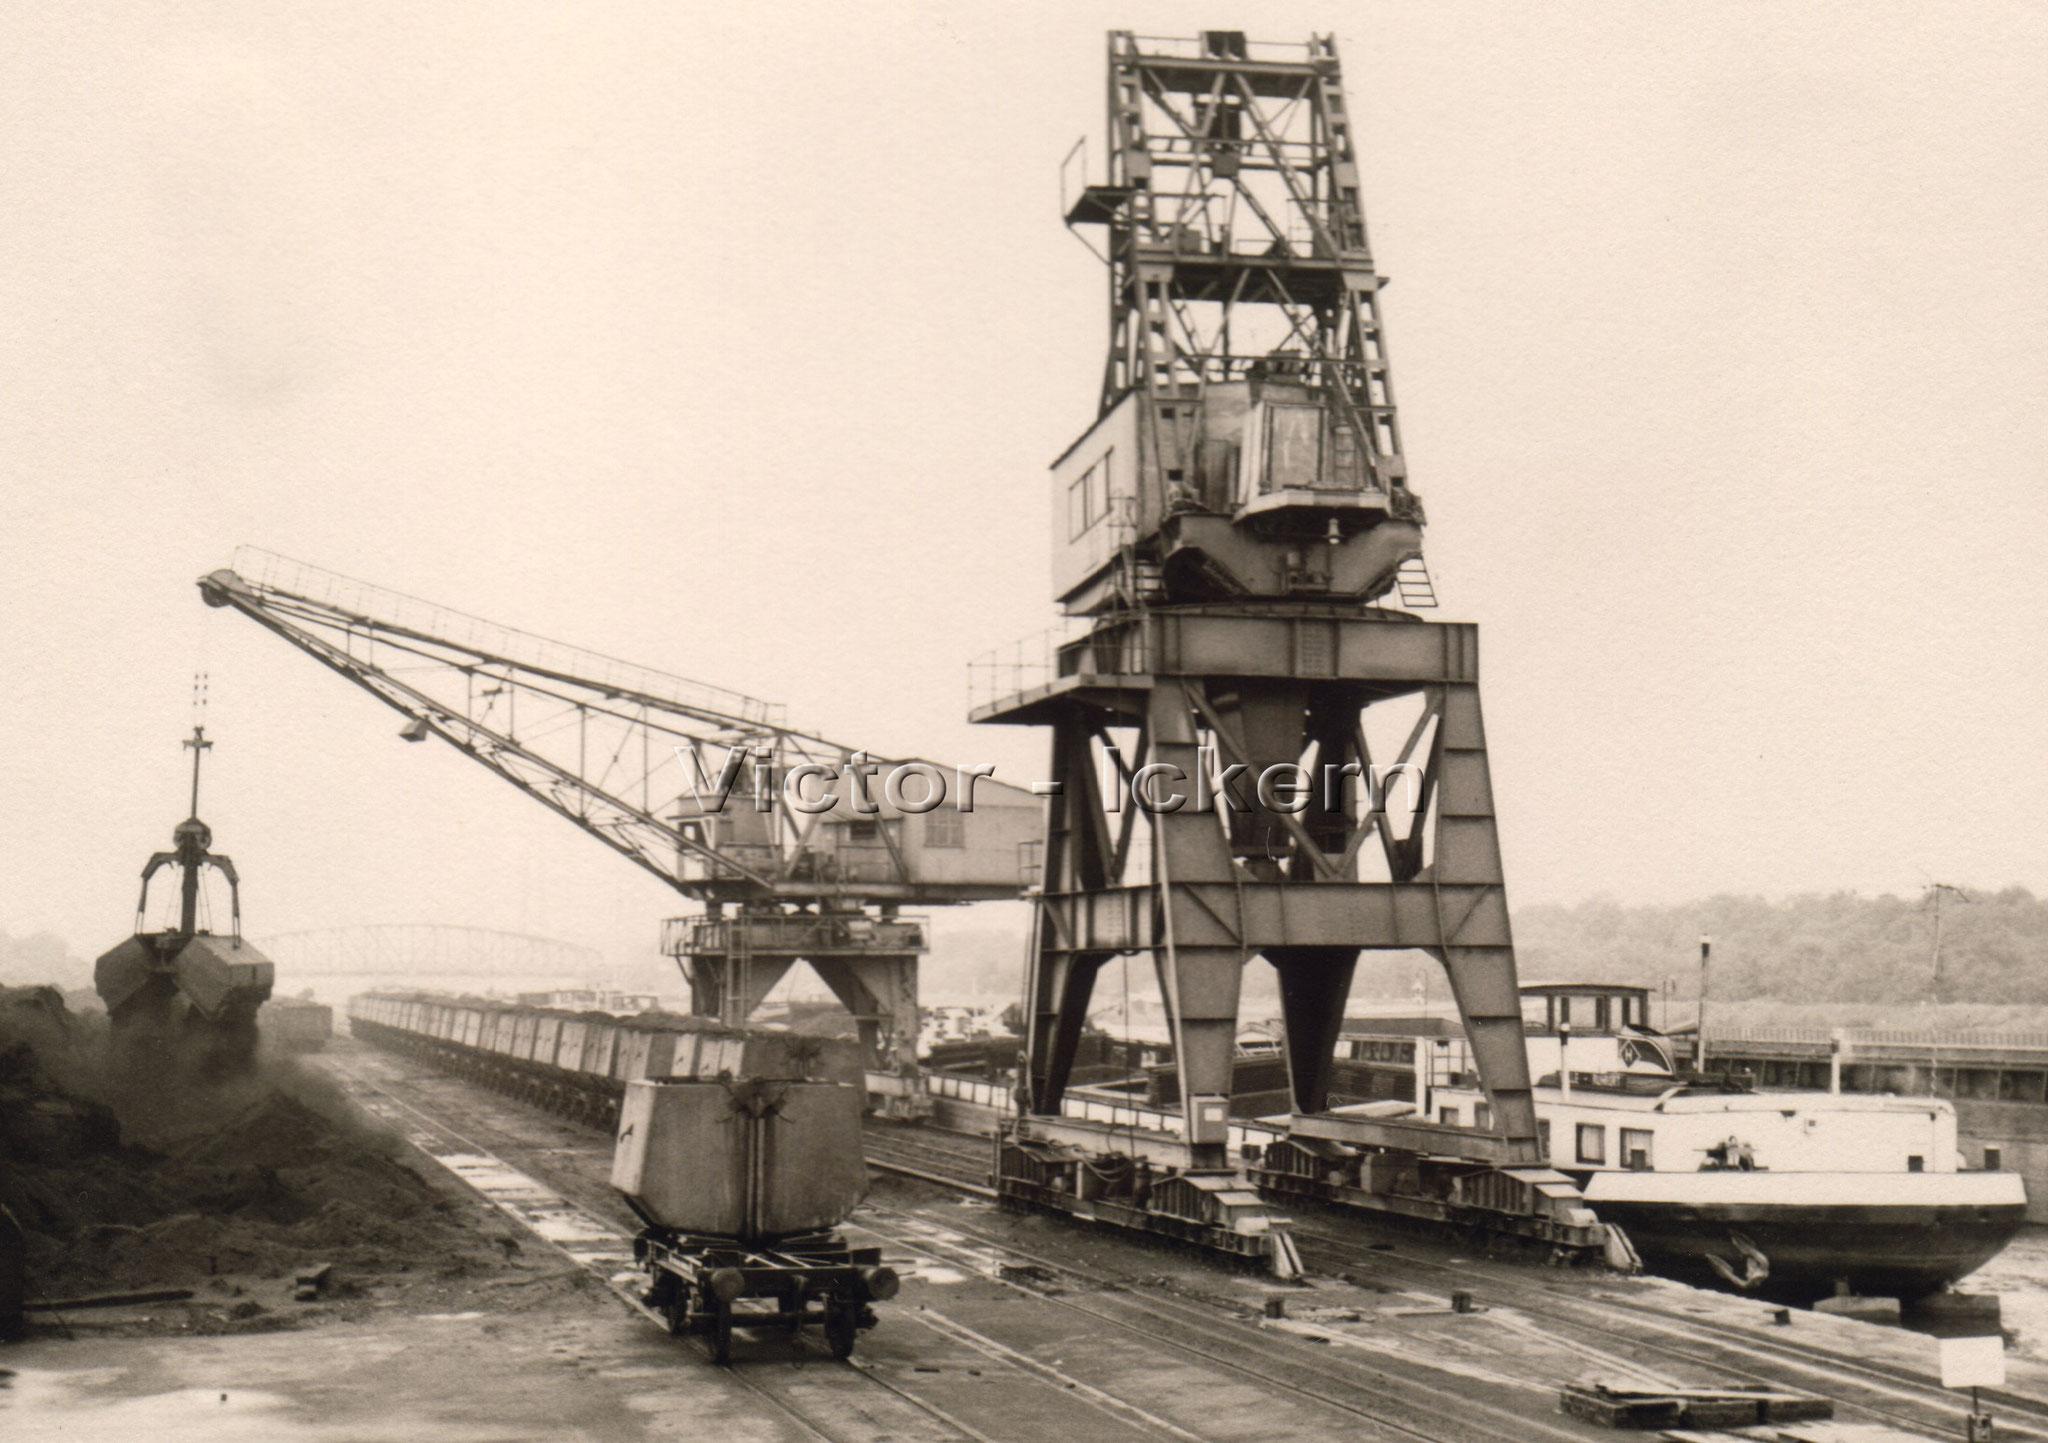 Verladekrahn Victorhafen